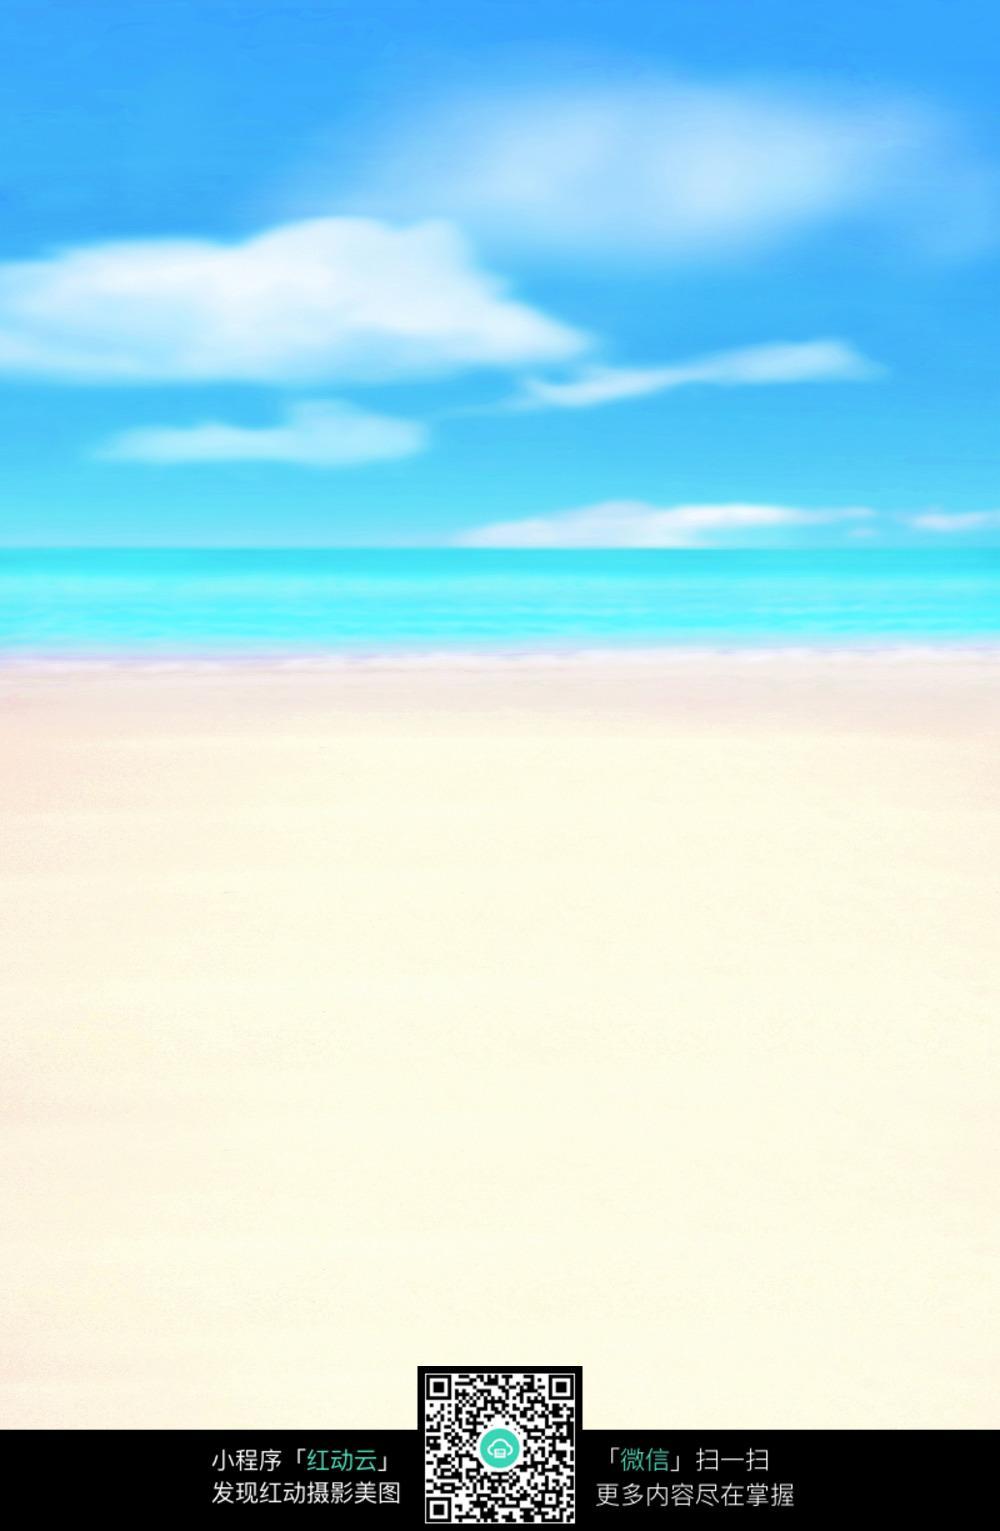 片下载_大海沙滩壁纸桌面背景图片高清桌面壁纸下载 第6